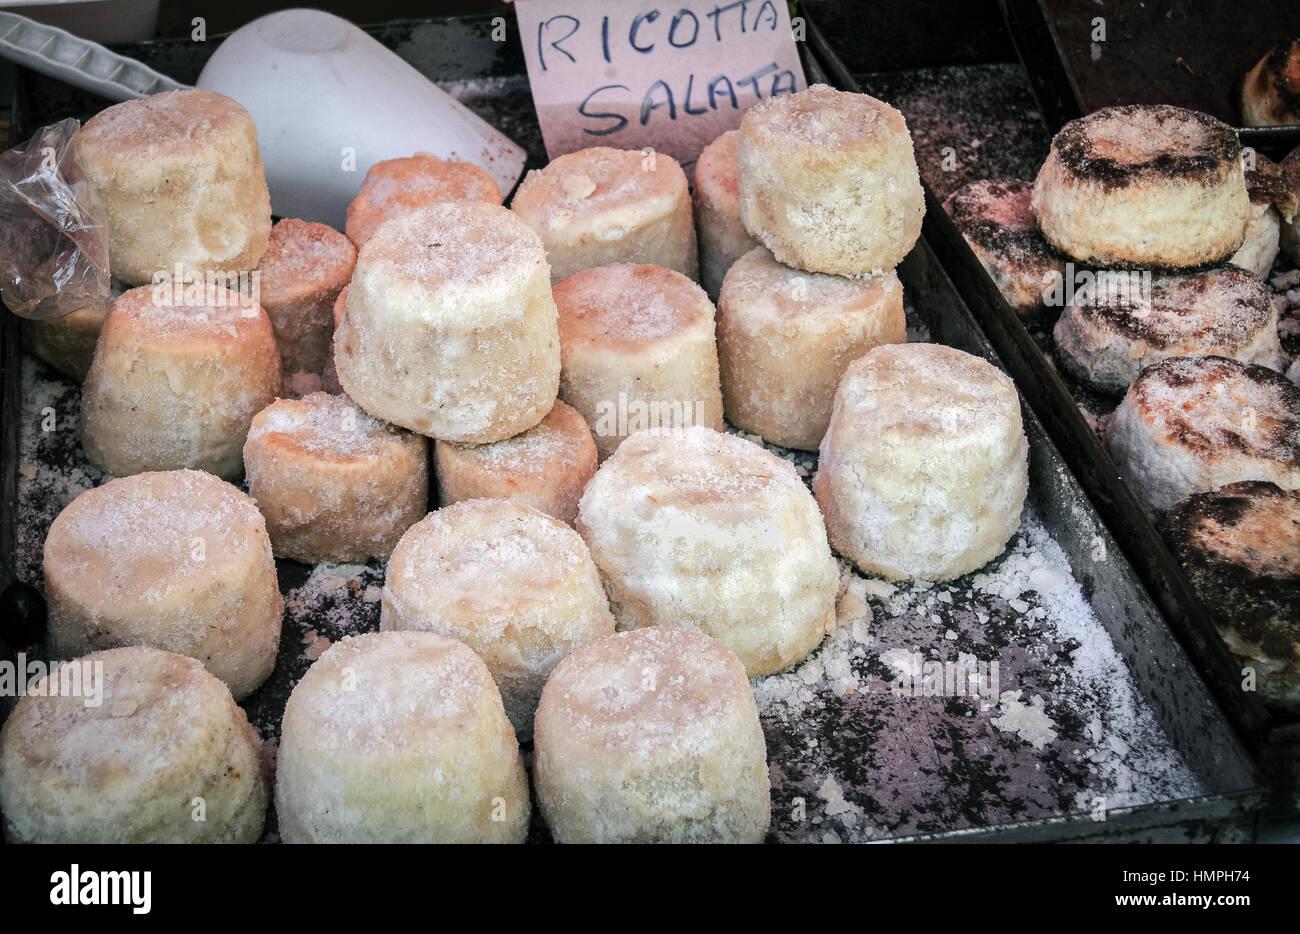 Queso ricotta salada de calado en el mercado, Palermo, Sicilia Imagen De Stock